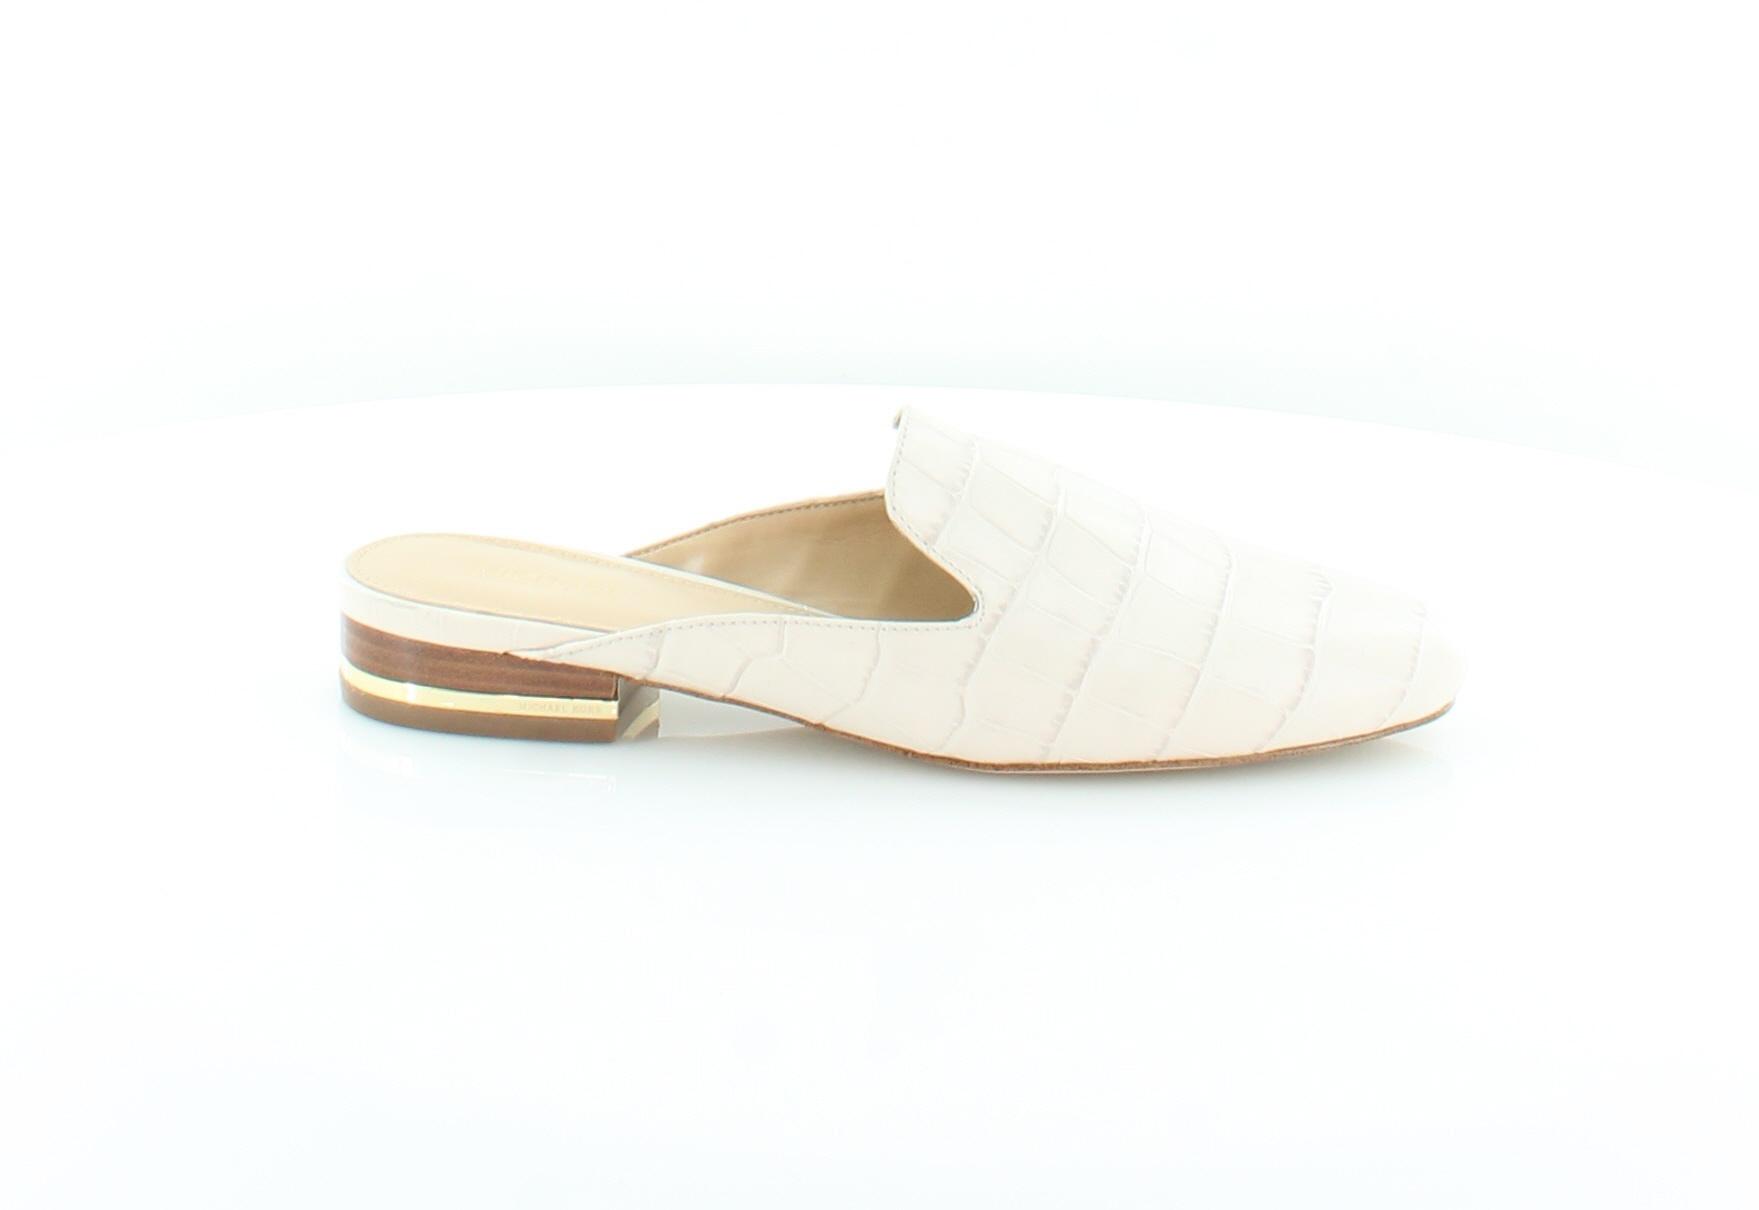 4b13a8b897ec2 Michael Kors New Natasha Slide Beige Womens Shoes Size 6 M Slippers MSRP   110